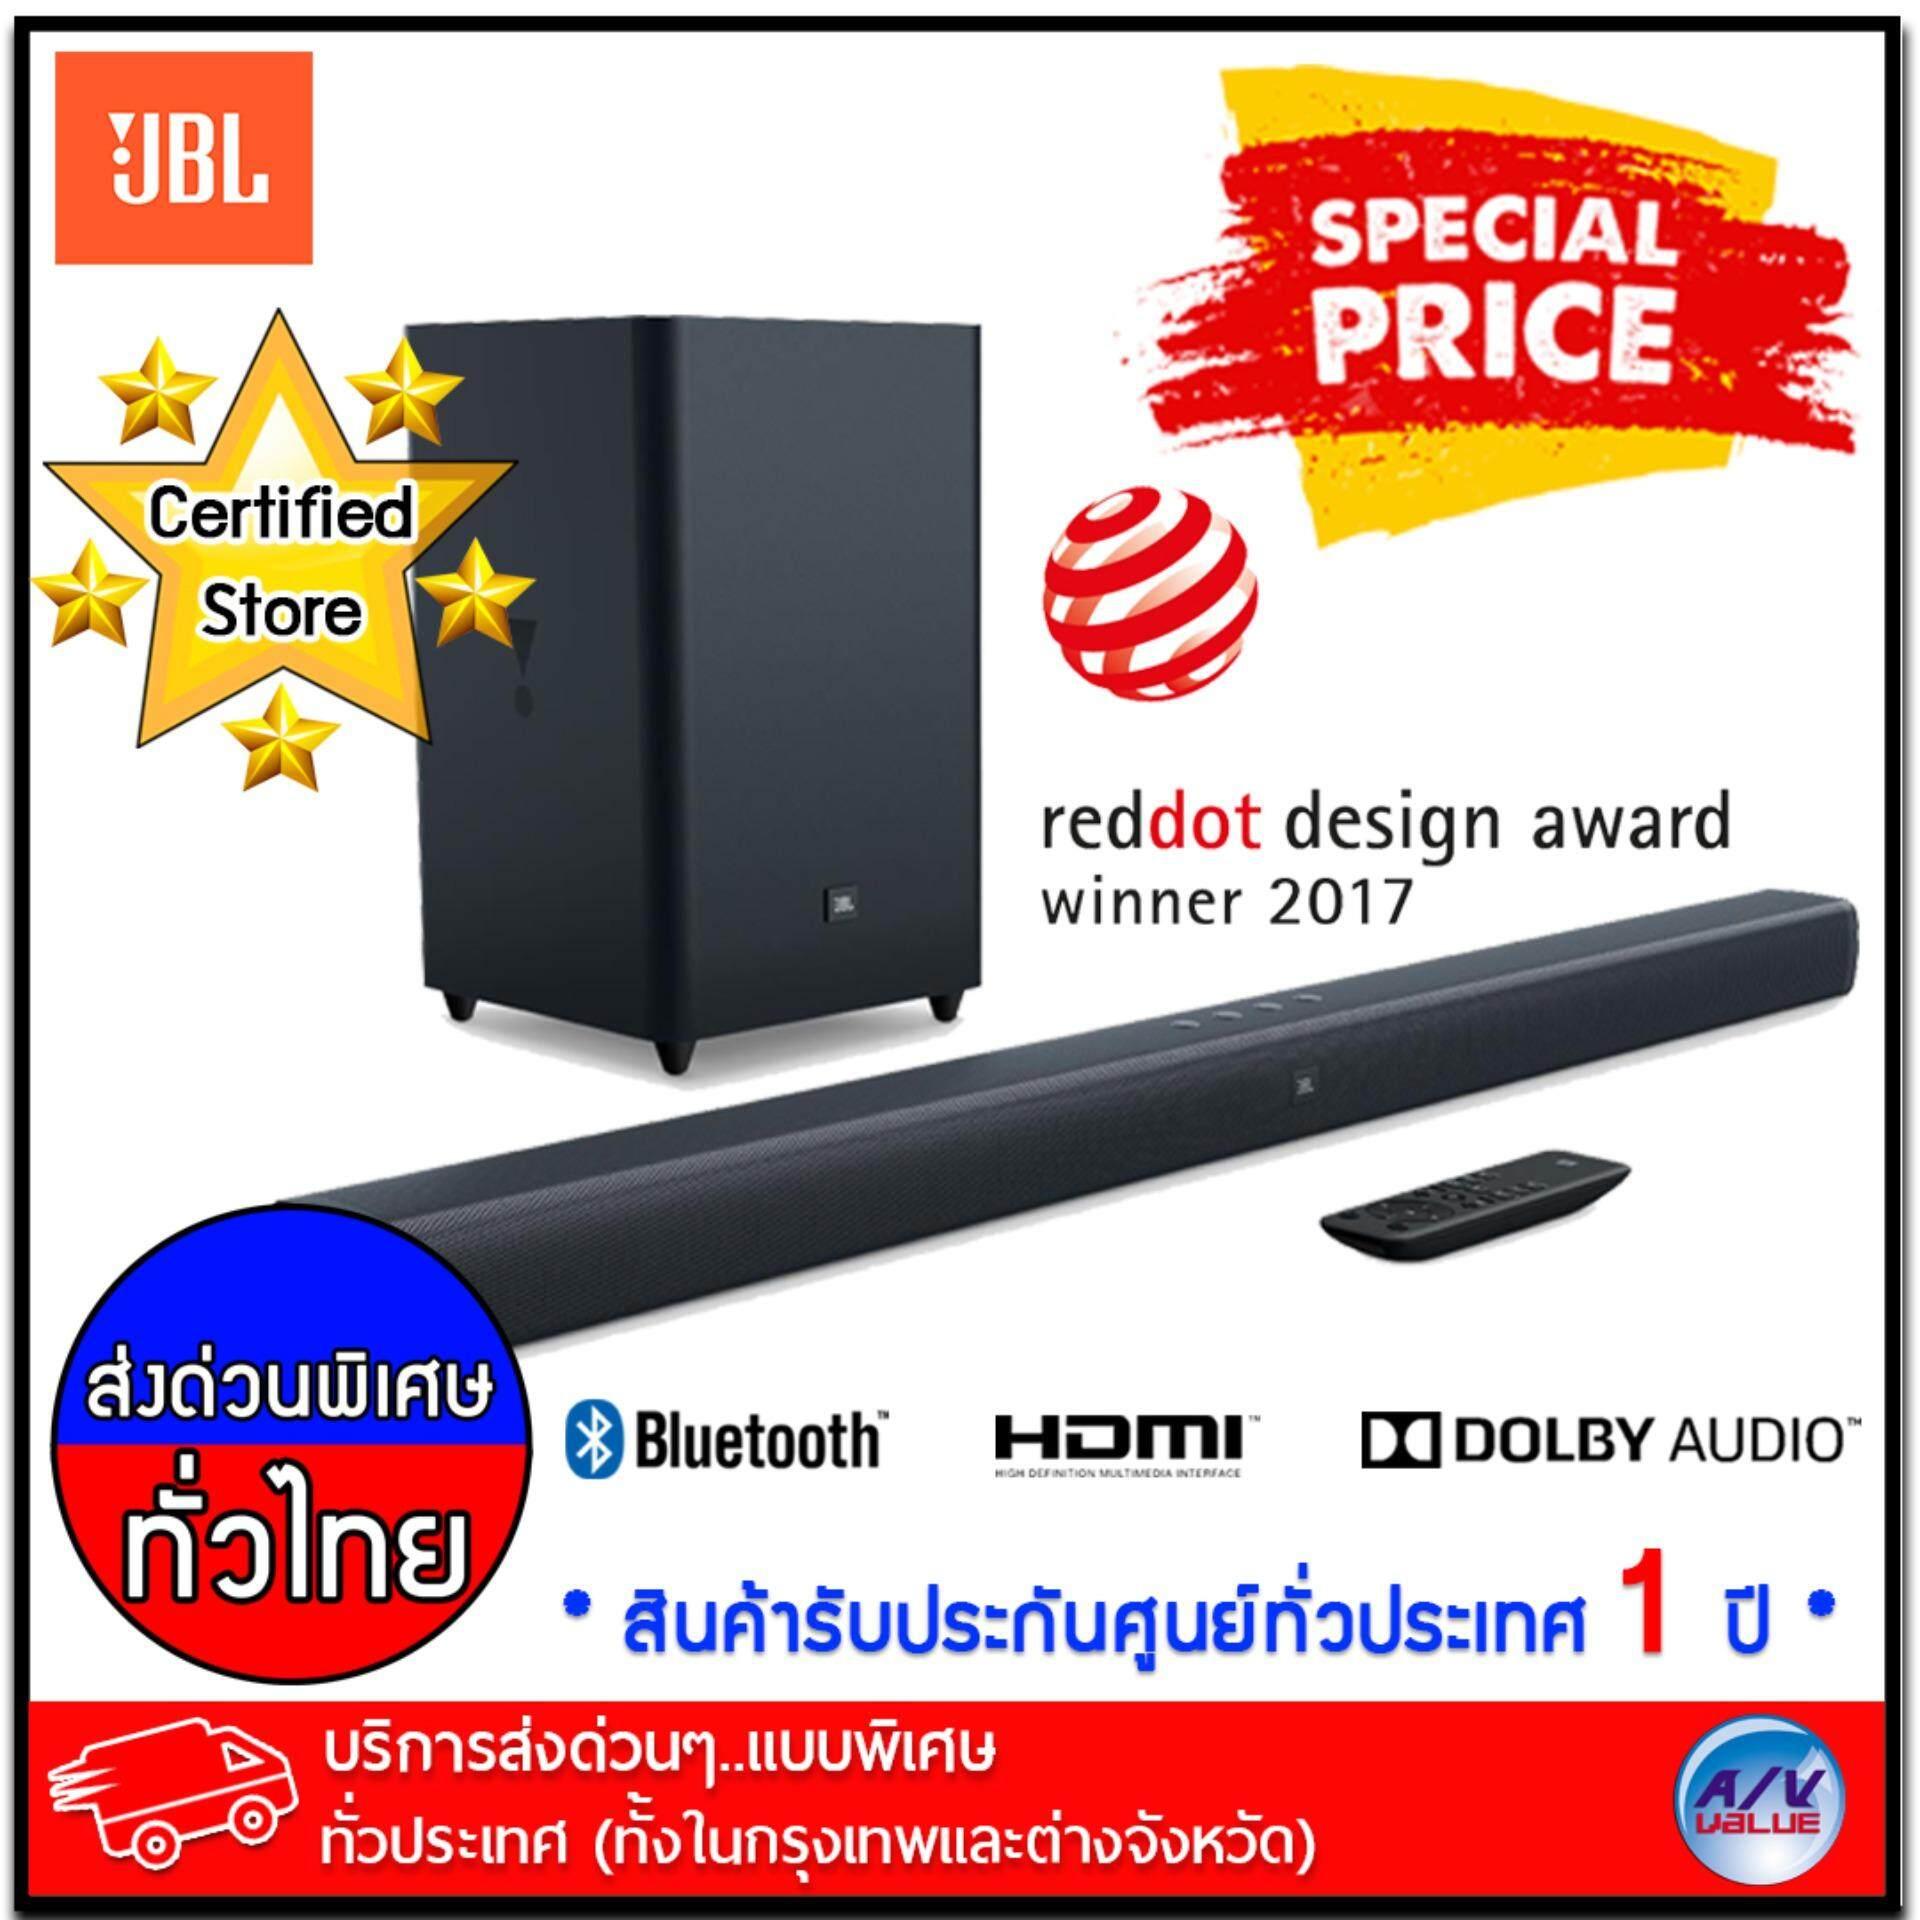 ยี่ห้อนี้ดีไหม  ภูเก็ต JBL รุ่น Bar 2.1 Home Theater Starter System with Soundbar and Wireless Subwoofer with Bluetooth *** บริการส่งด่วนแบบพิเศษ!ทั่วประเทศ (ทั้งในกรุงเทพและต่างจังหวัด)**